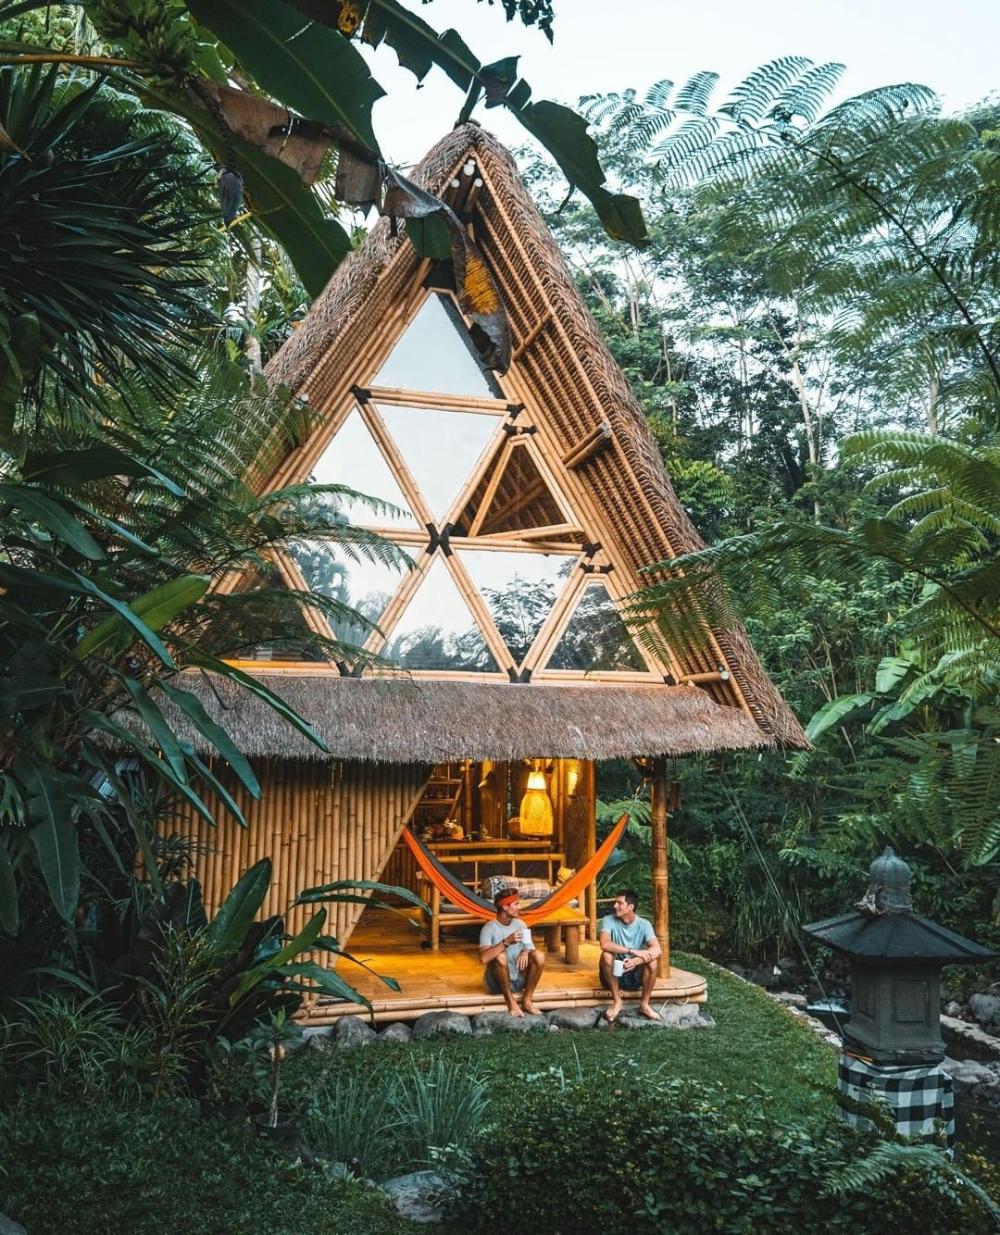 gestalten • Instagram photos and videos Architektur